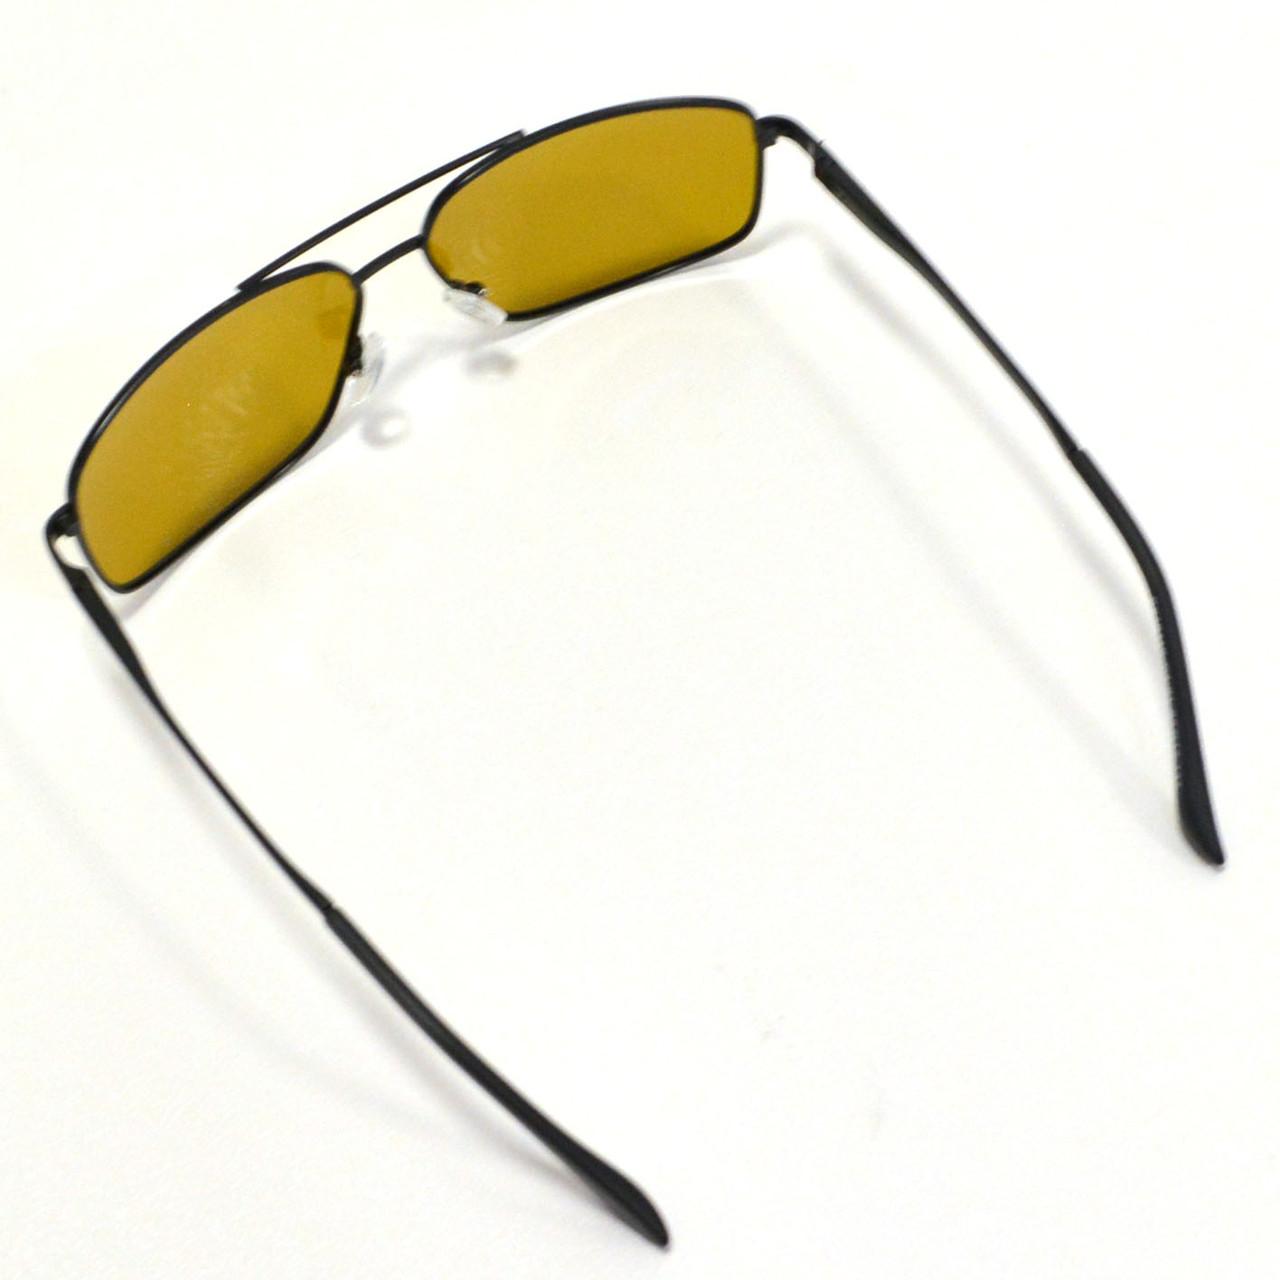 Солнцезащитные поляризационные очки ПОЛАРОИД UV400 тонкая сдвоенная оправа коричневые стекла АВТО PX16119 - фото 10